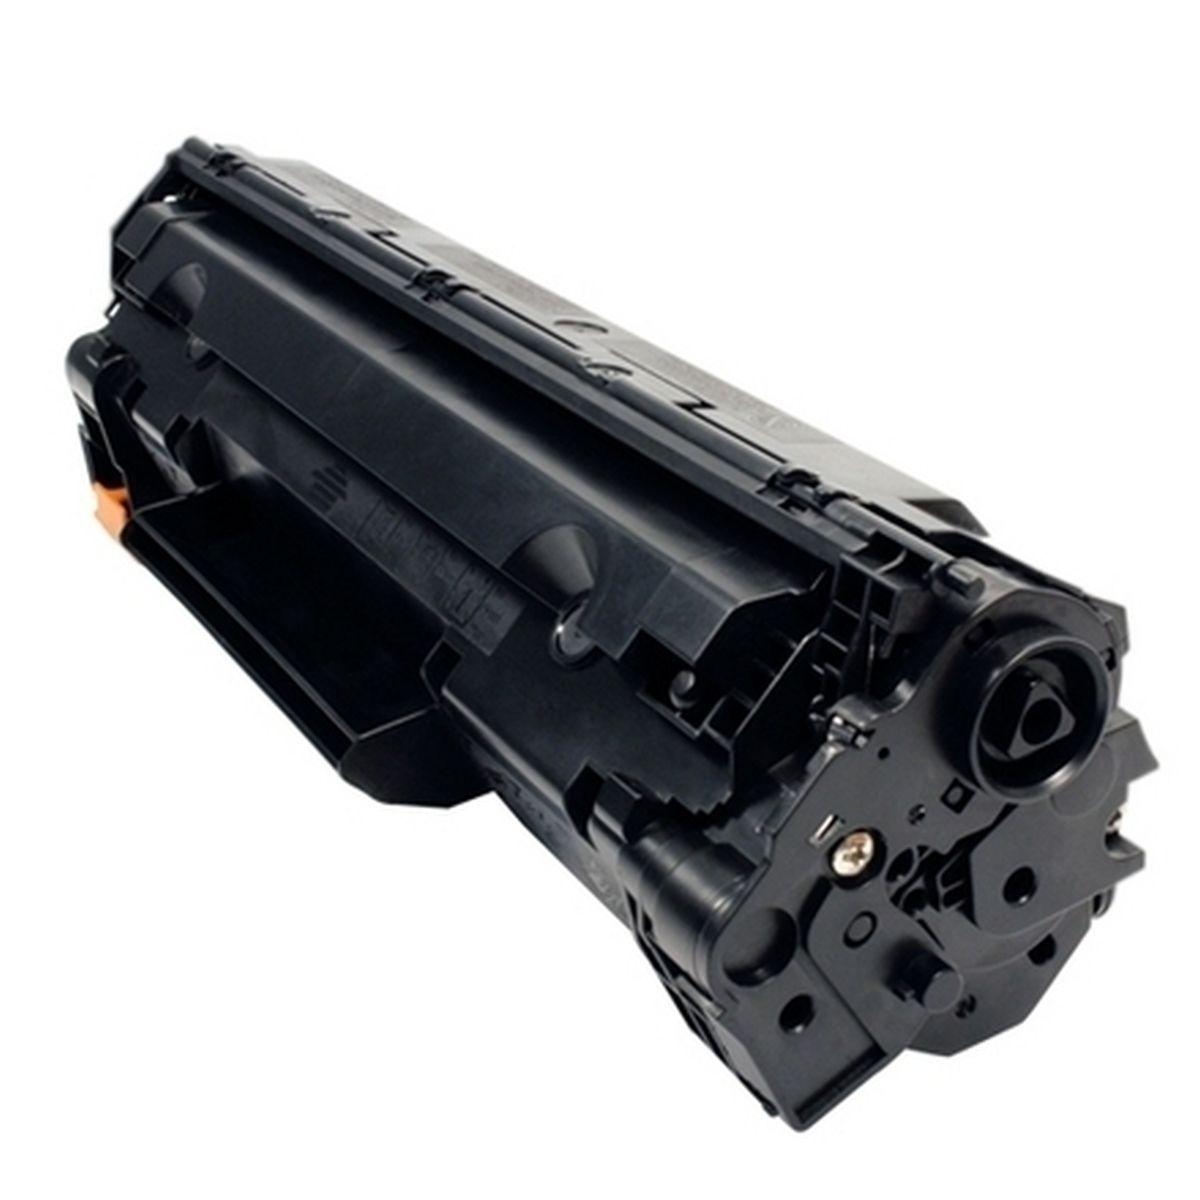 Toner compatível HP CE285A 85A 285A CE285AB | P1102 P1102W M1132 M1210 M1212 M1130 - 1.800 Páginas - Cartucho & Cia